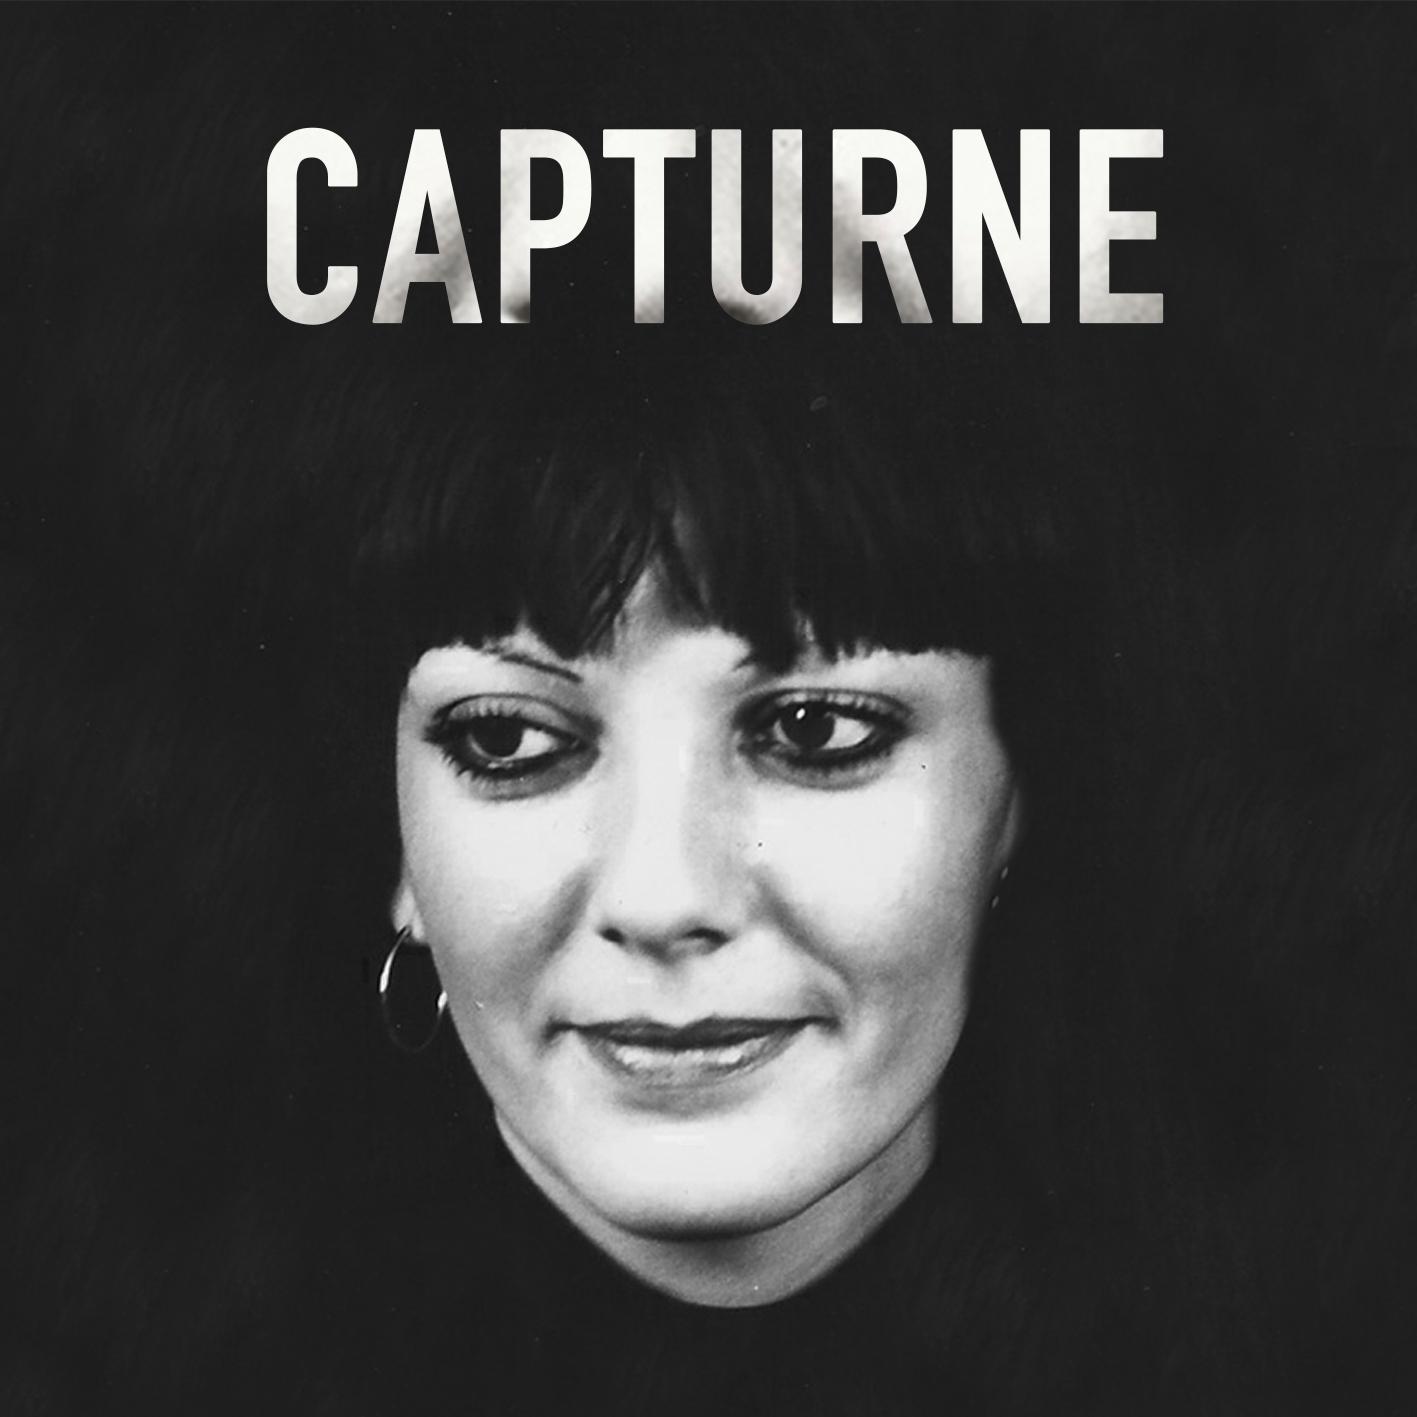 Capturne - pochette EP